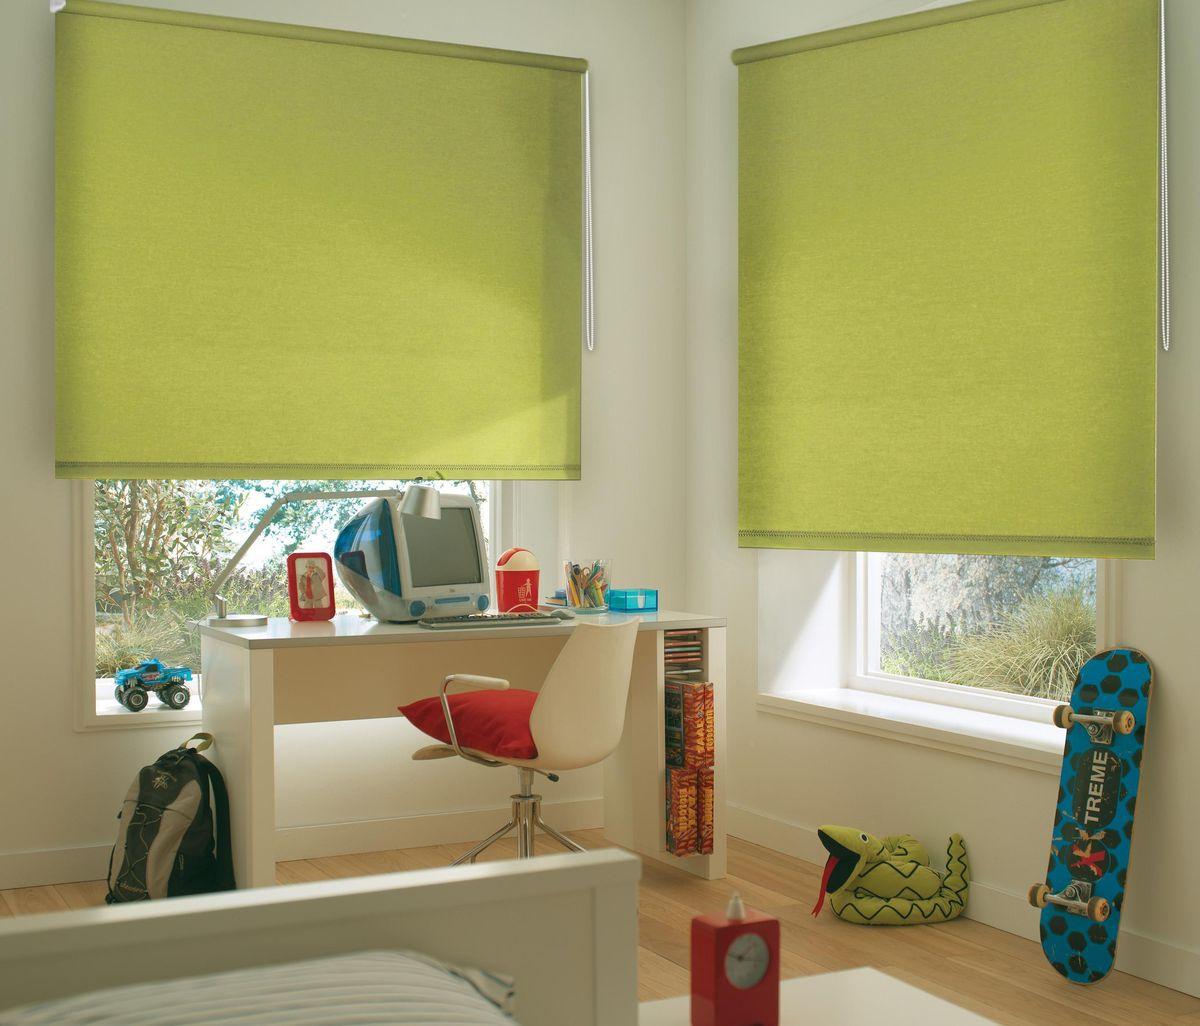 Штора рулонная Эскар, цвет: салатовый, ширина 140 см, высота 170 см10503Рулонными шторами можно оформлять окна как самостоятельно, так и использовать в комбинации с портьерами. Это поможет предотвратить выгорание дорогой ткани на солнце и соединит функционал рулонных с красотой навесных.Преимущества применения рулонных штор для пластиковых окон:- имеют прекрасный внешний вид: многообразие и фактурность материала изделия отлично смотрятся в любом интерьере; - многофункциональны: есть возможность подобрать шторы способные эффективно защитить комнату от солнца, при этом о на не будет слишком темной. - Есть возможность осуществить быстрый монтаж. ВНИМАНИЕ! Размеры ширины изделия указаны по ширине ткани!Во время эксплуатации не рекомендуется полностью разматывать рулон, чтобы не оторвать ткань от намоточного вала.В случае загрязнения поверхности ткани, чистку шторы проводят одним из способов, в зависимости от типа загрязнения: легкое поверхностное загрязнение можно удалить при помощи канцелярского ластика; чистка от пыли производится сухим методом при помощи пылесоса с мягкой щеткой-насадкой; для удаления пятна используйте мягкую губку с пенообразующим неагрессивным моющим средством или пятновыводитель на натуральной основе (нельзя применять растворители).